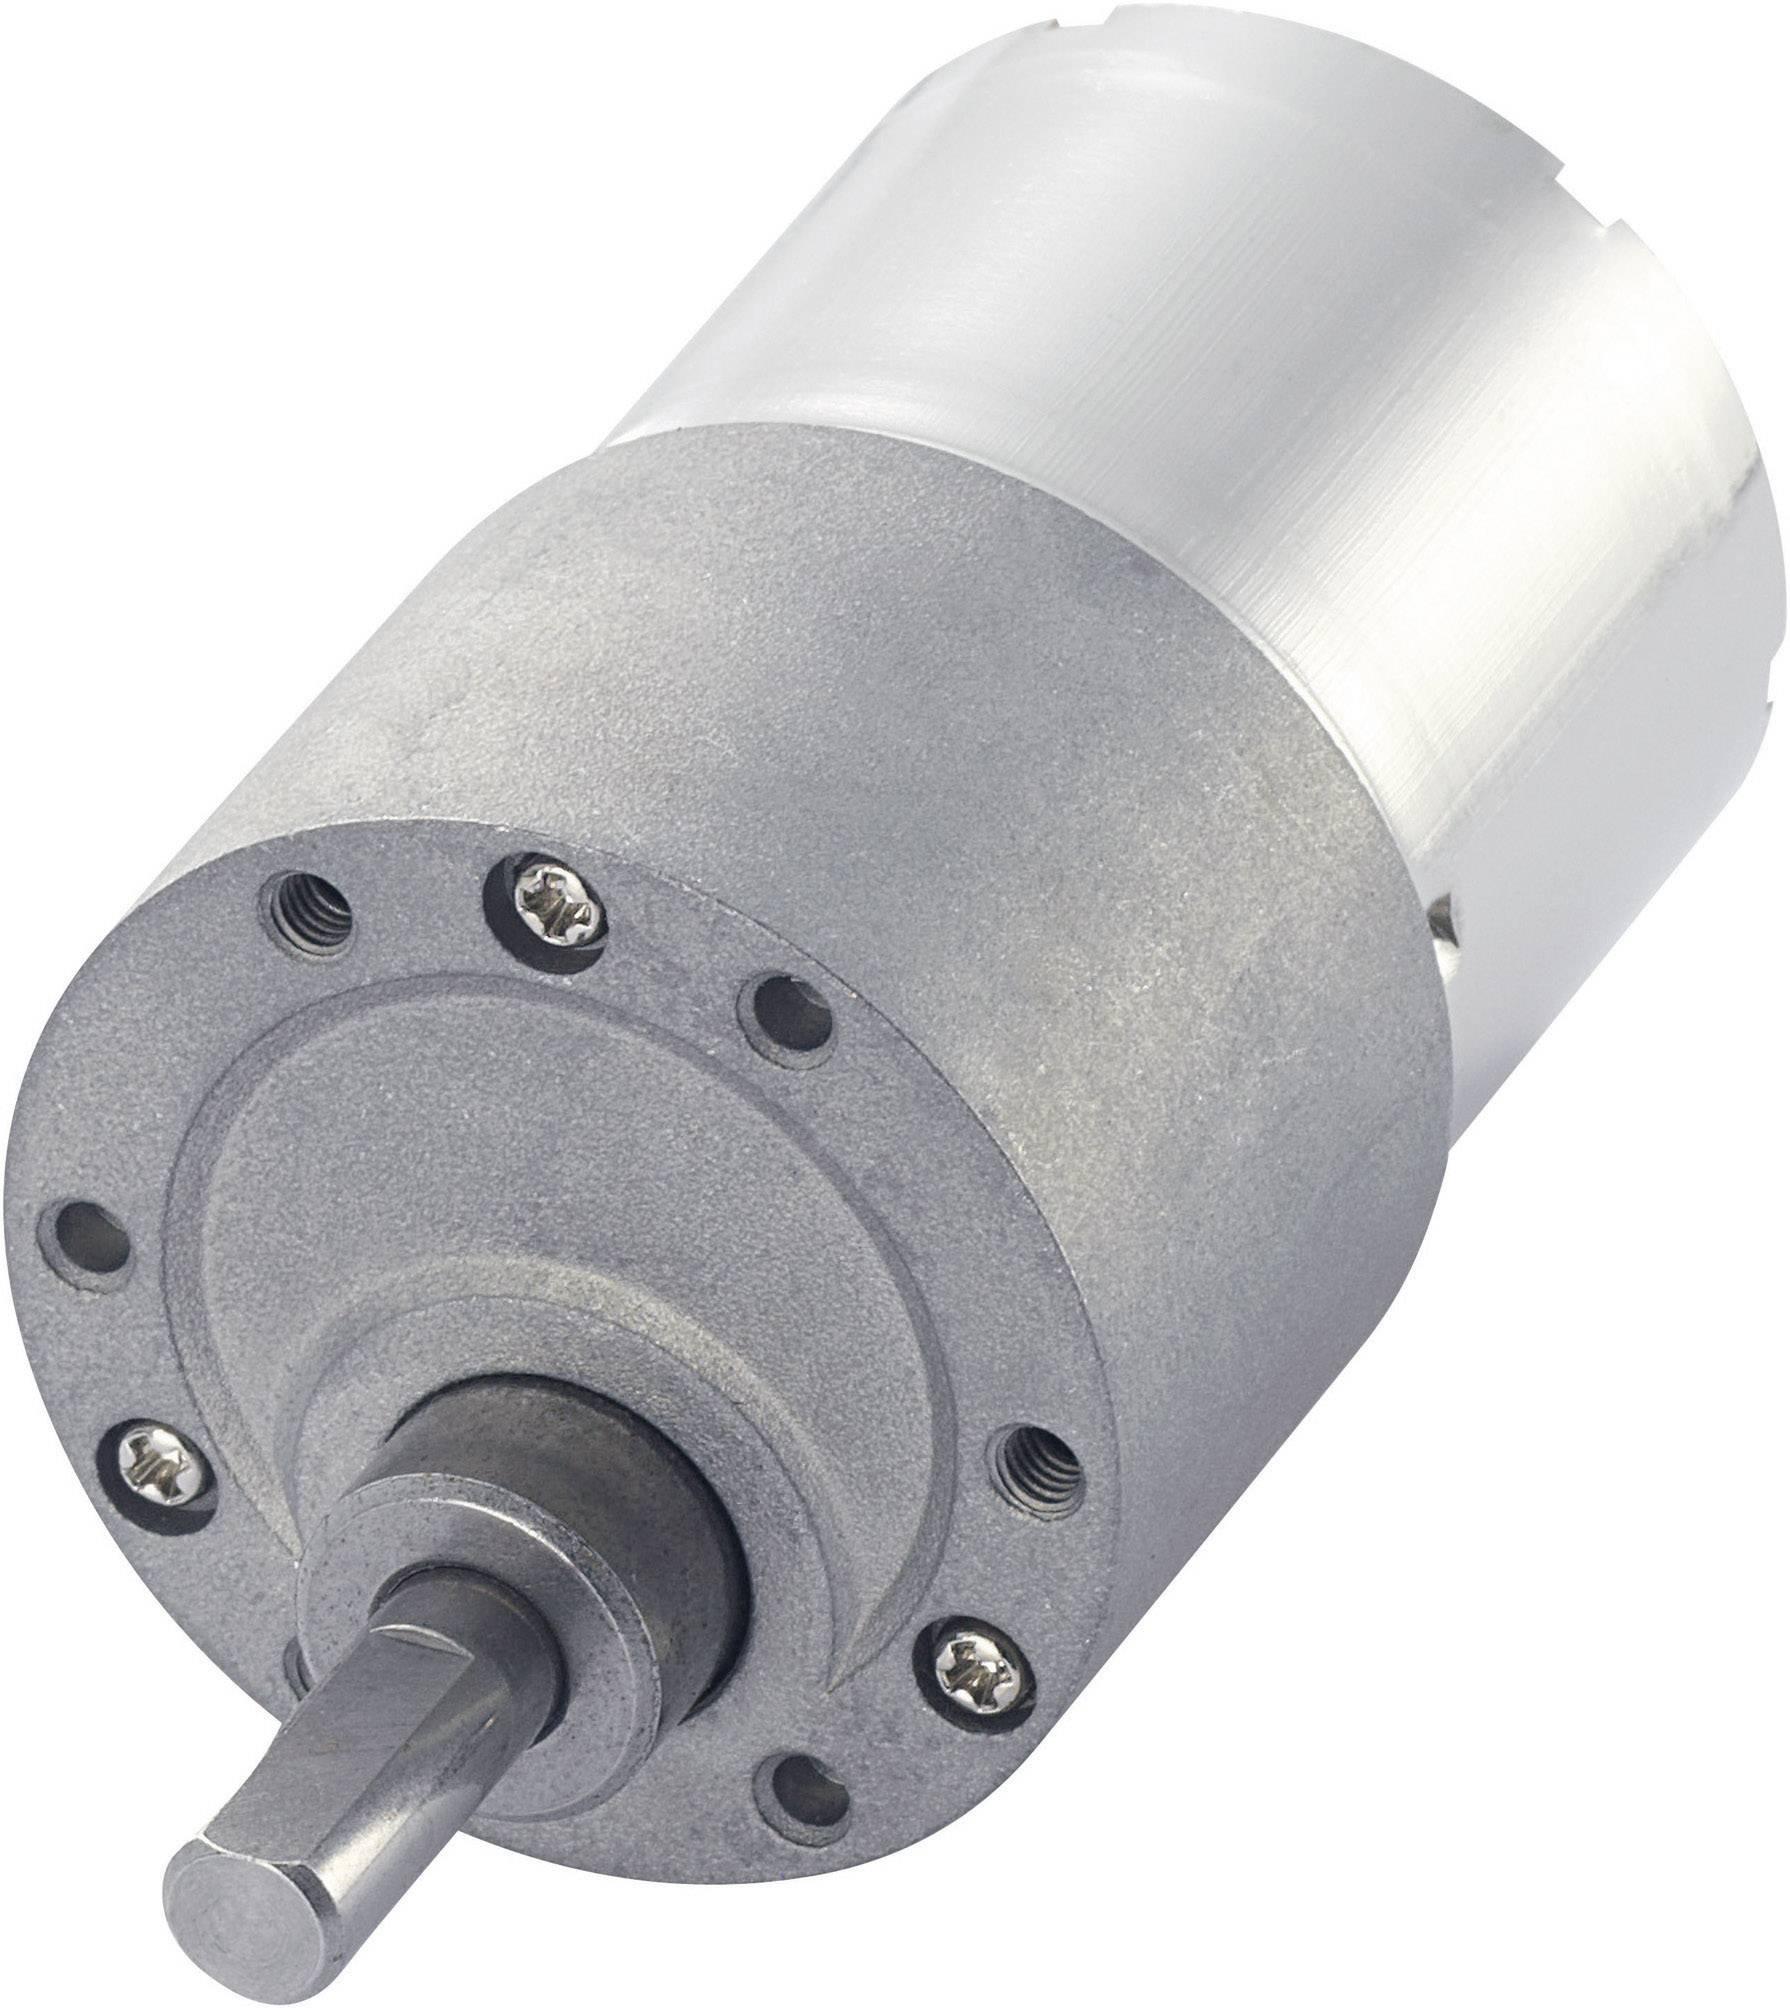 Motor s převodem Modelcraft RB350600-0A101R, 12 V, 600:1